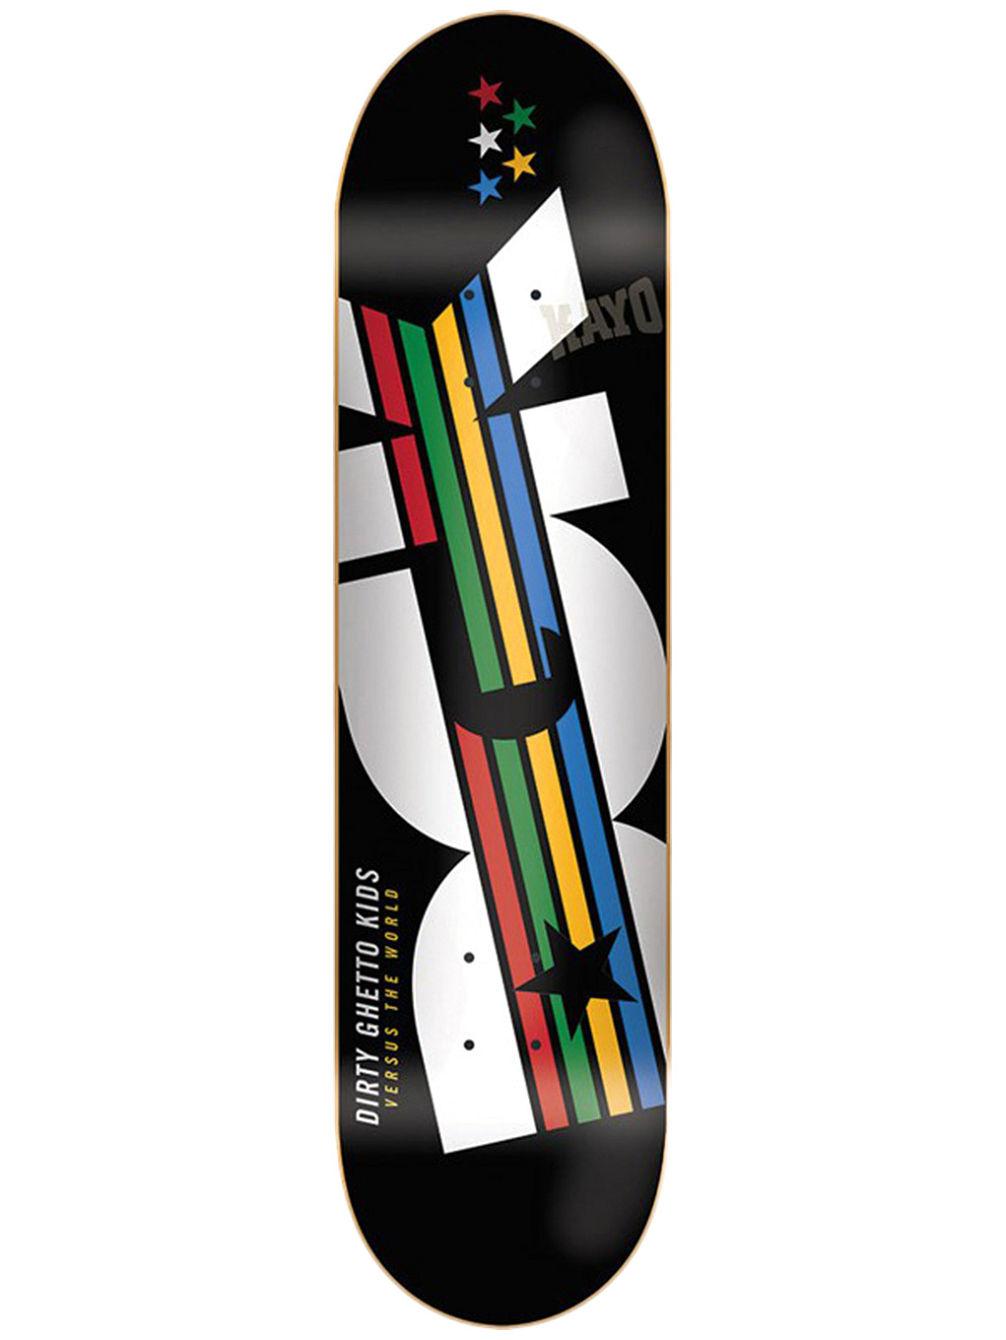 dgk-vs-the-world-80-skateboard-deck